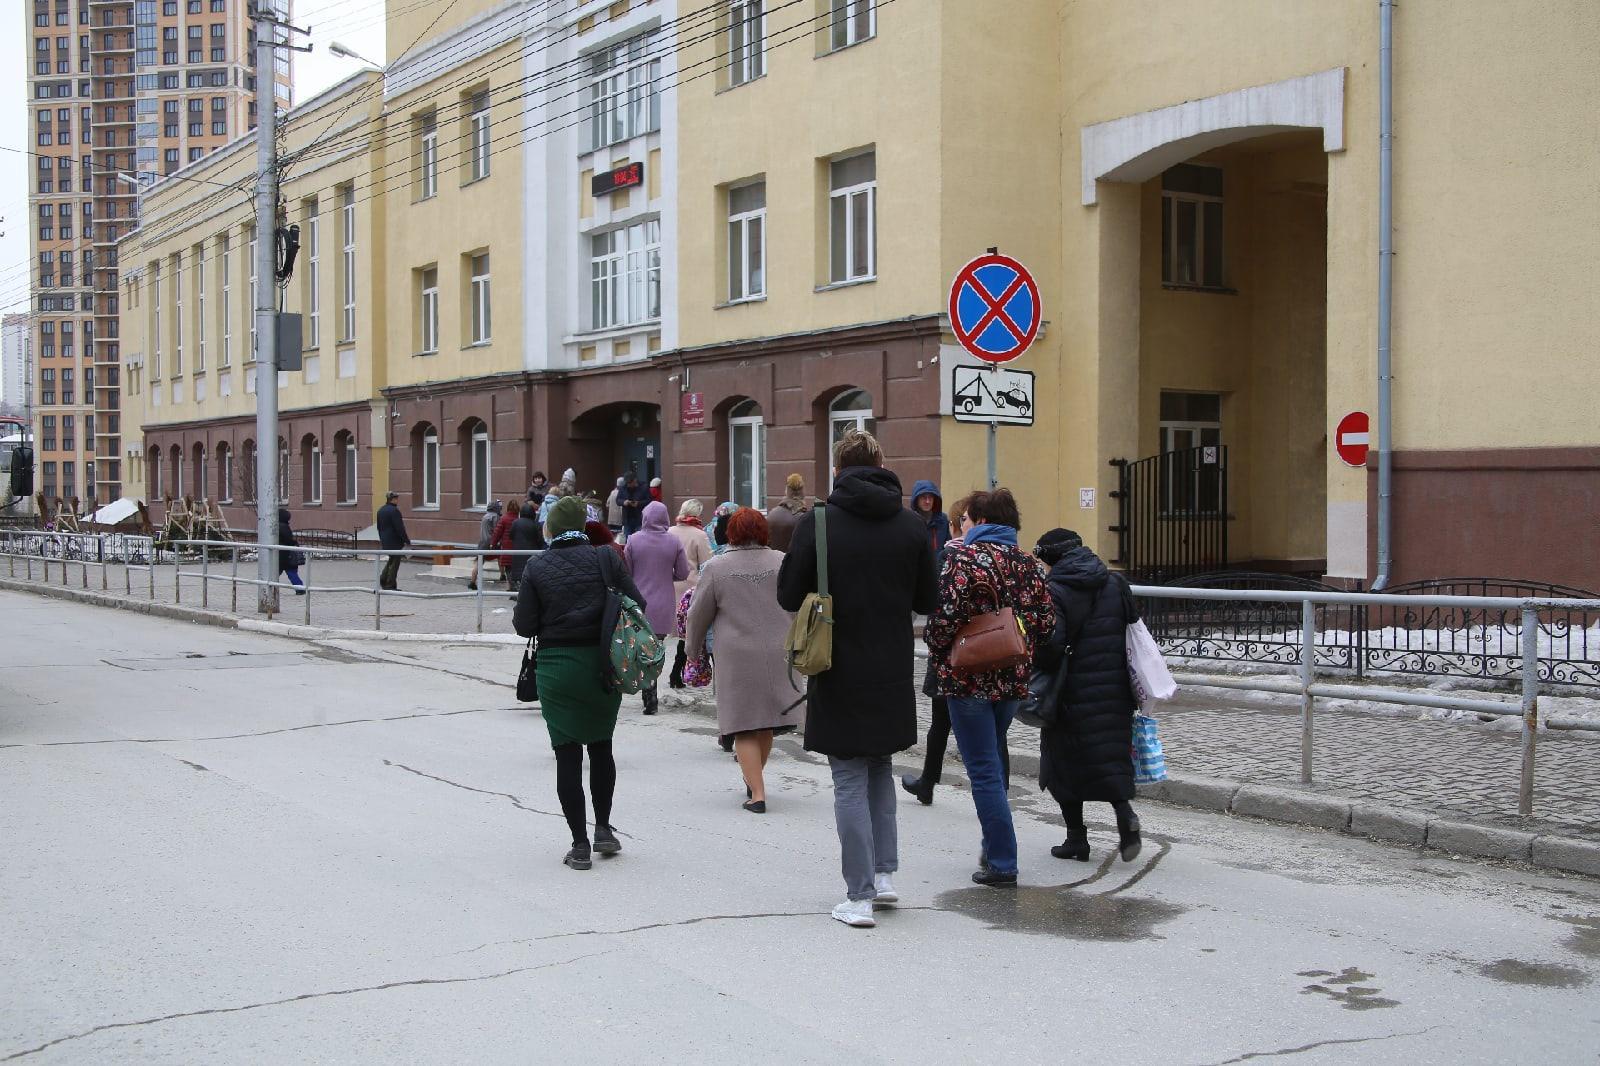 фото Учителям разрешили вернуться в школу после эвакуации в Новосибирске 2